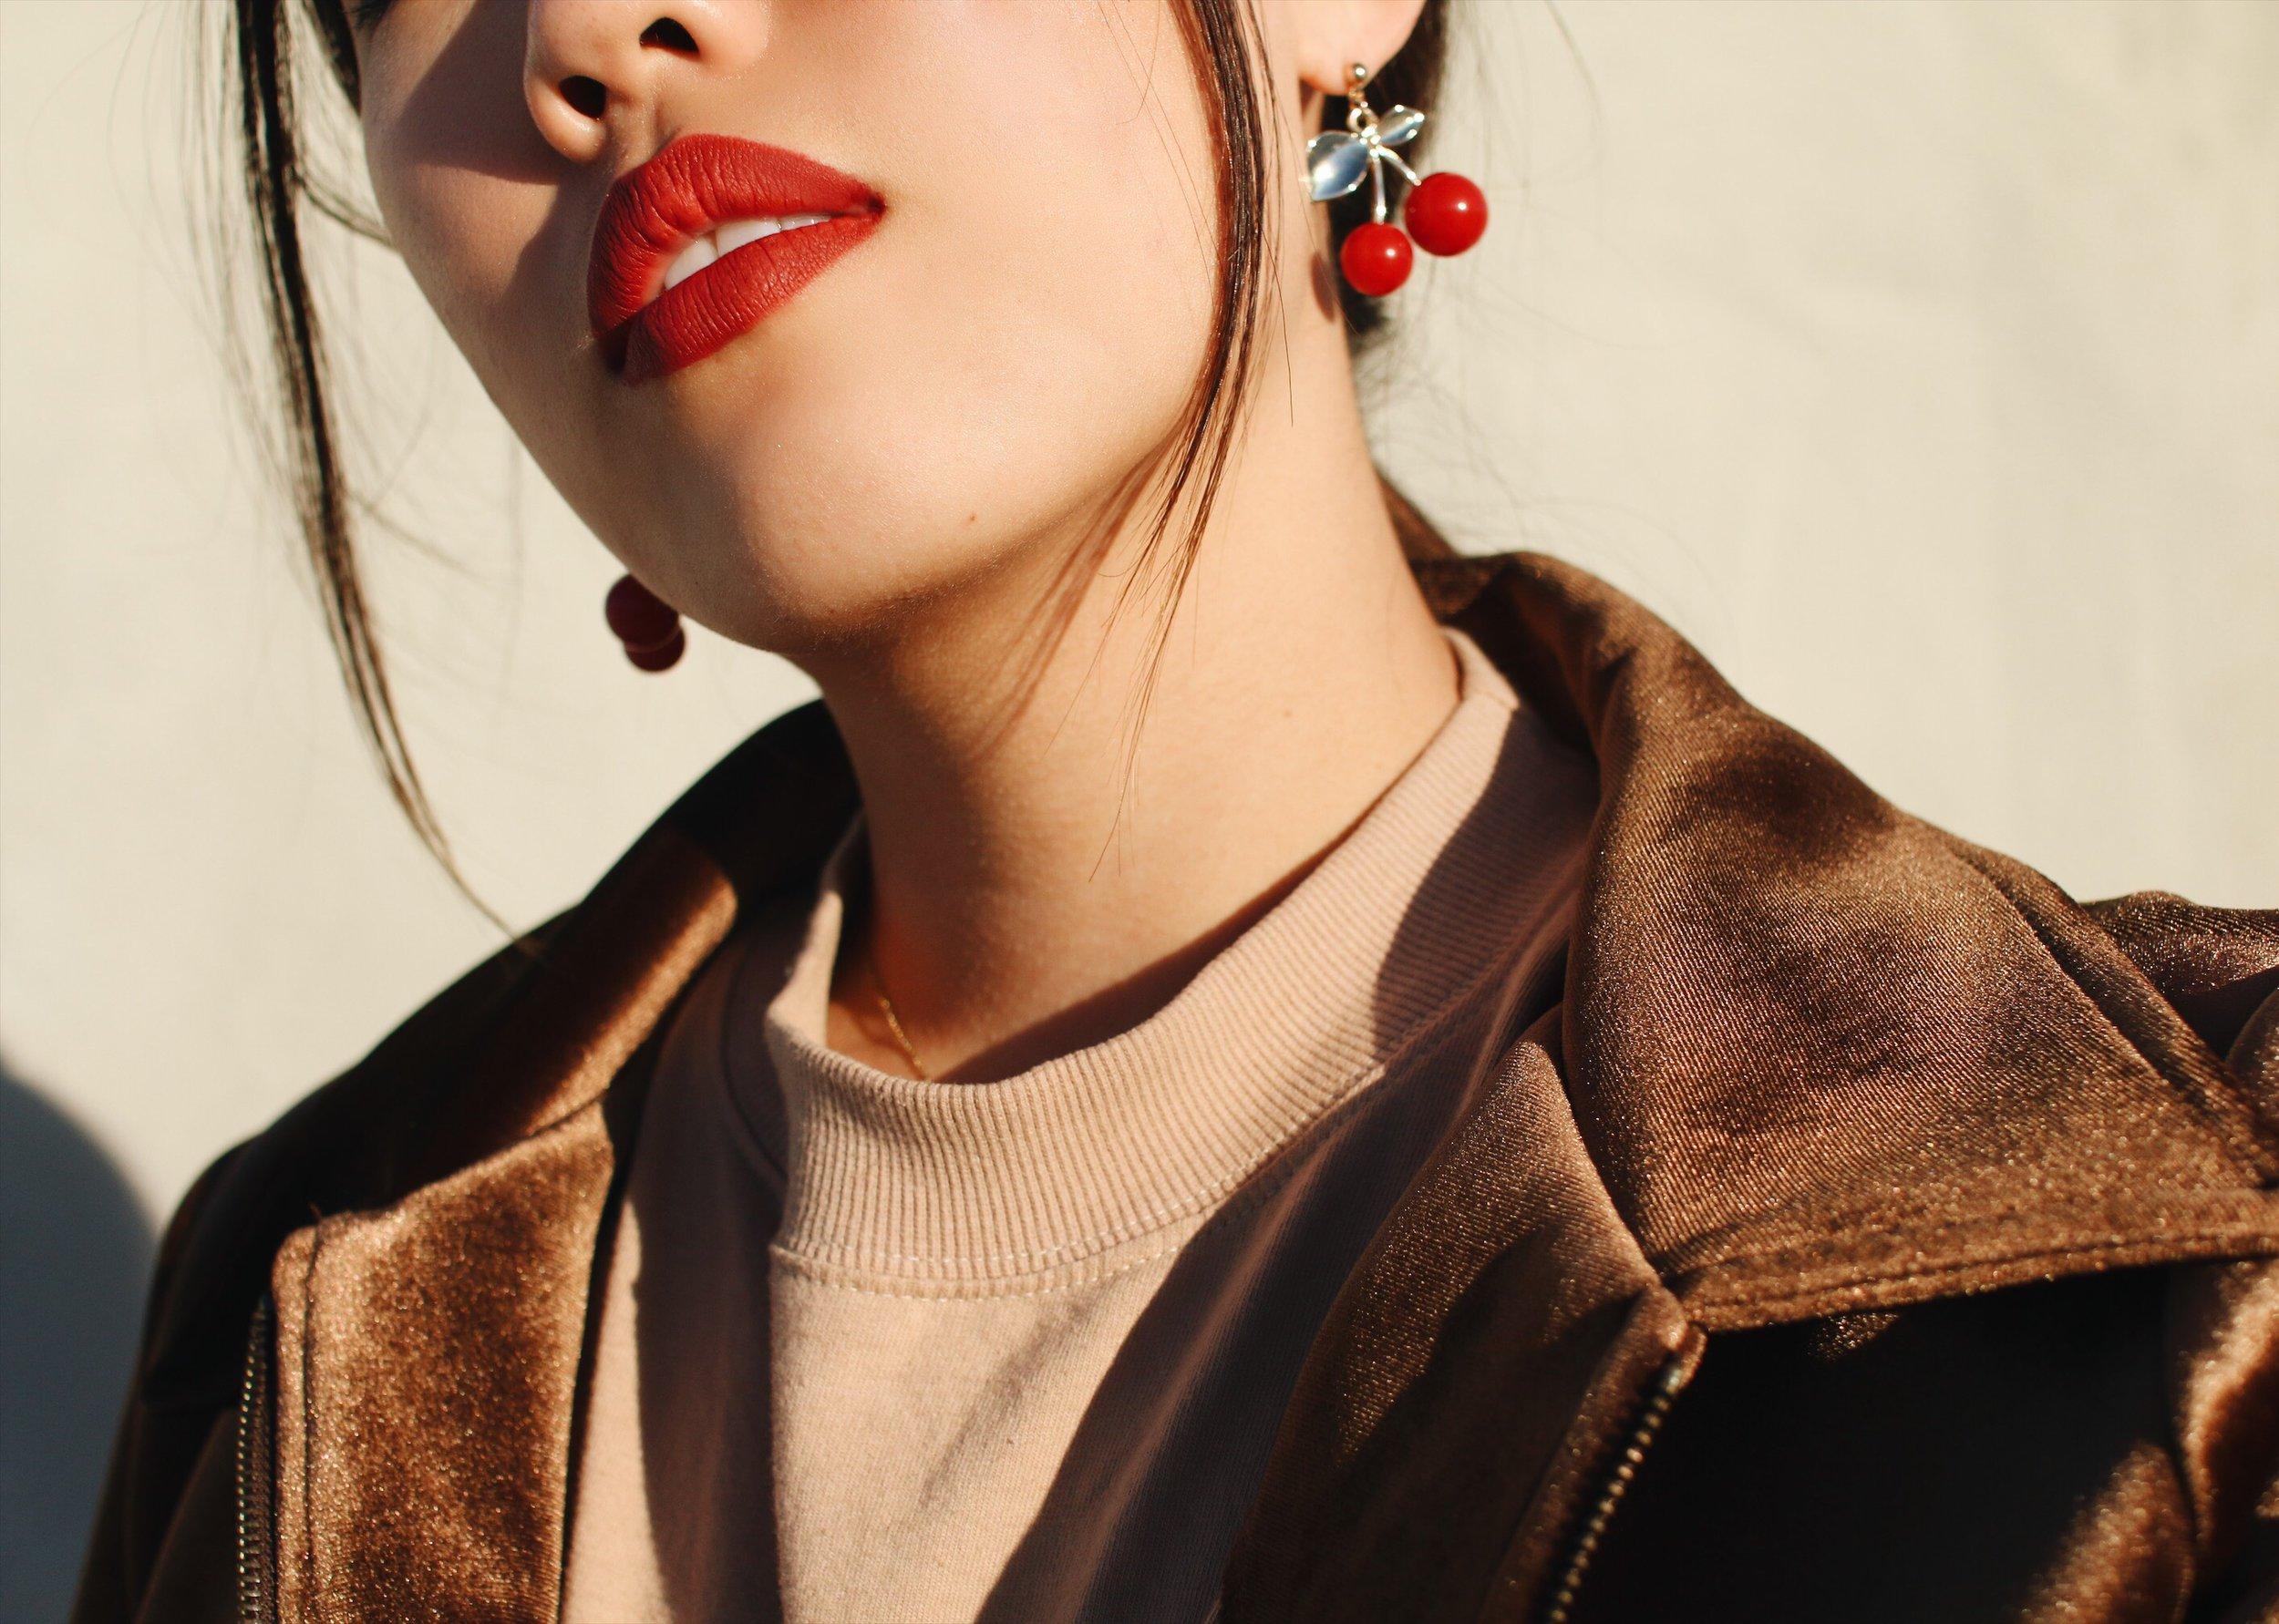 Amy Lee for Laura Mercier